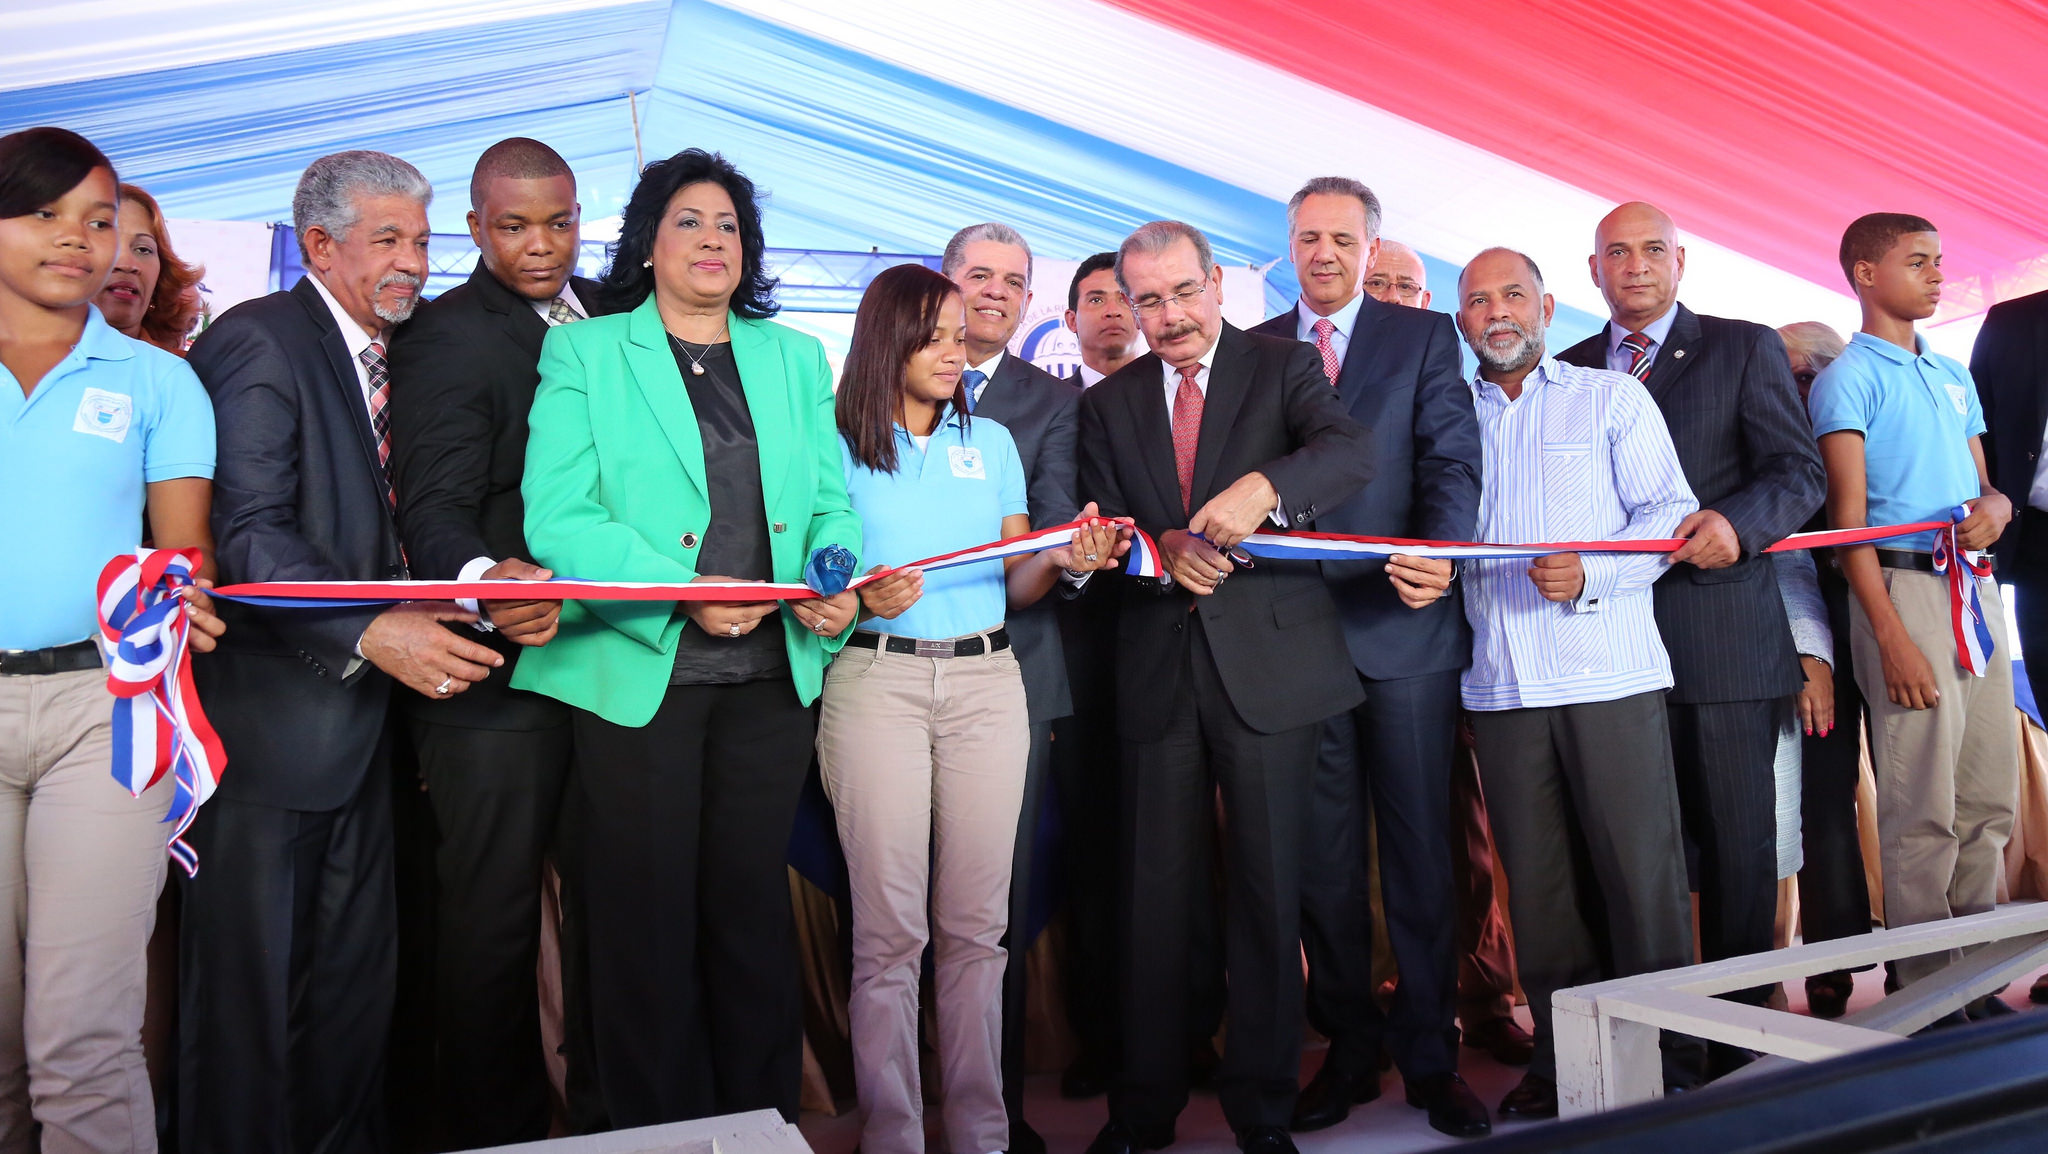 Danilo inaugura escuela en La Toronja